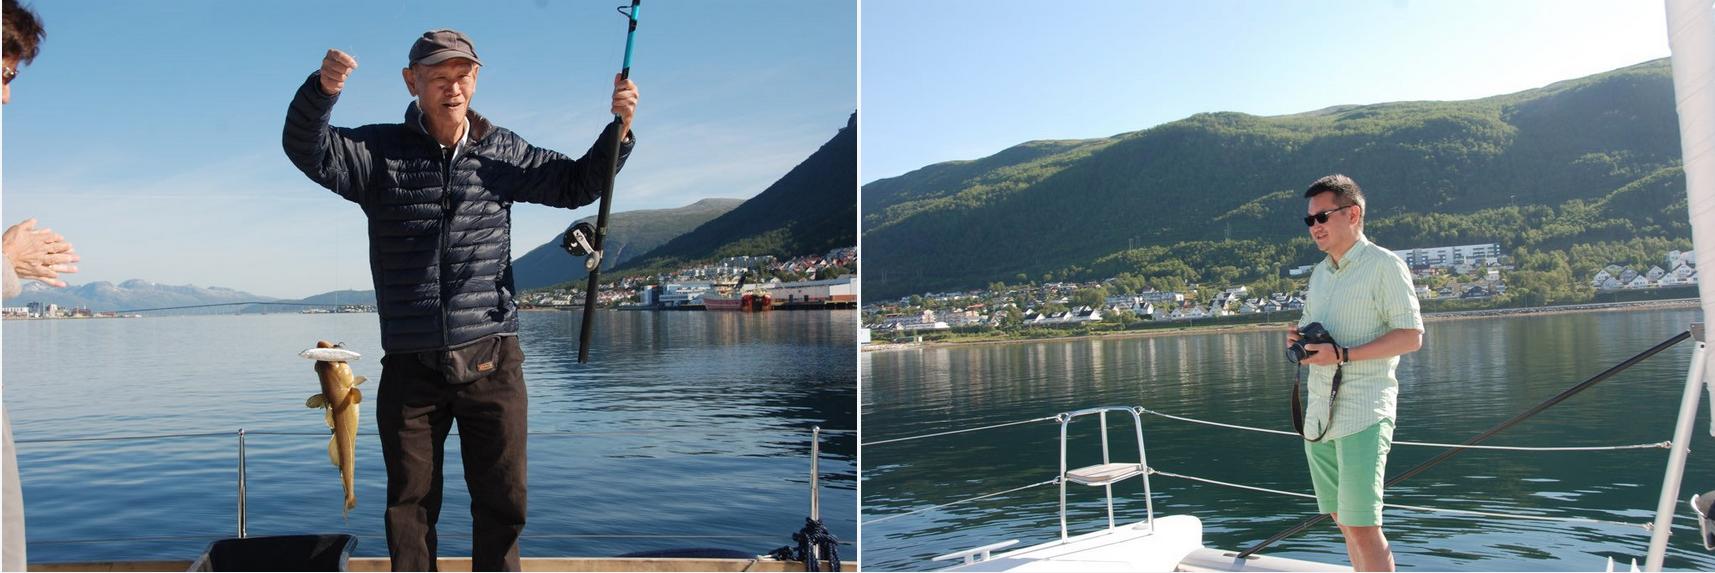 #Saling |Happy guests |#Tromso |#Fishing #China